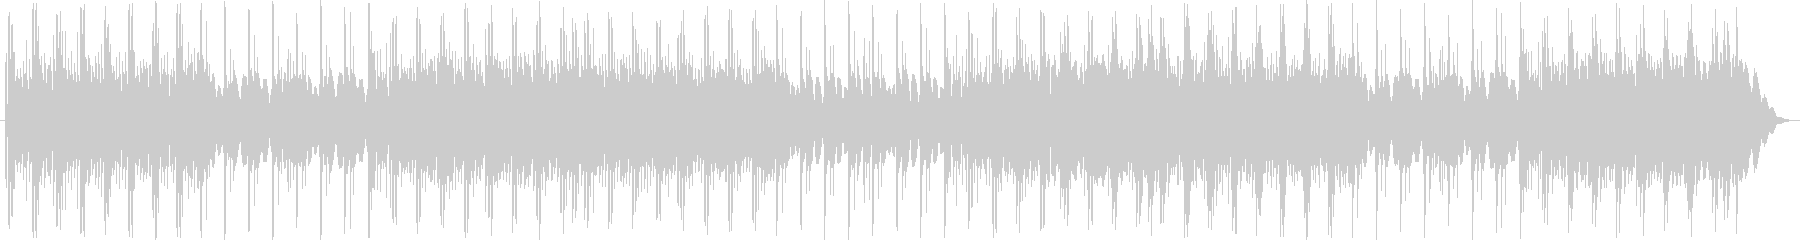 エレクトリックピアノパーツをパンし...の未再生の波形